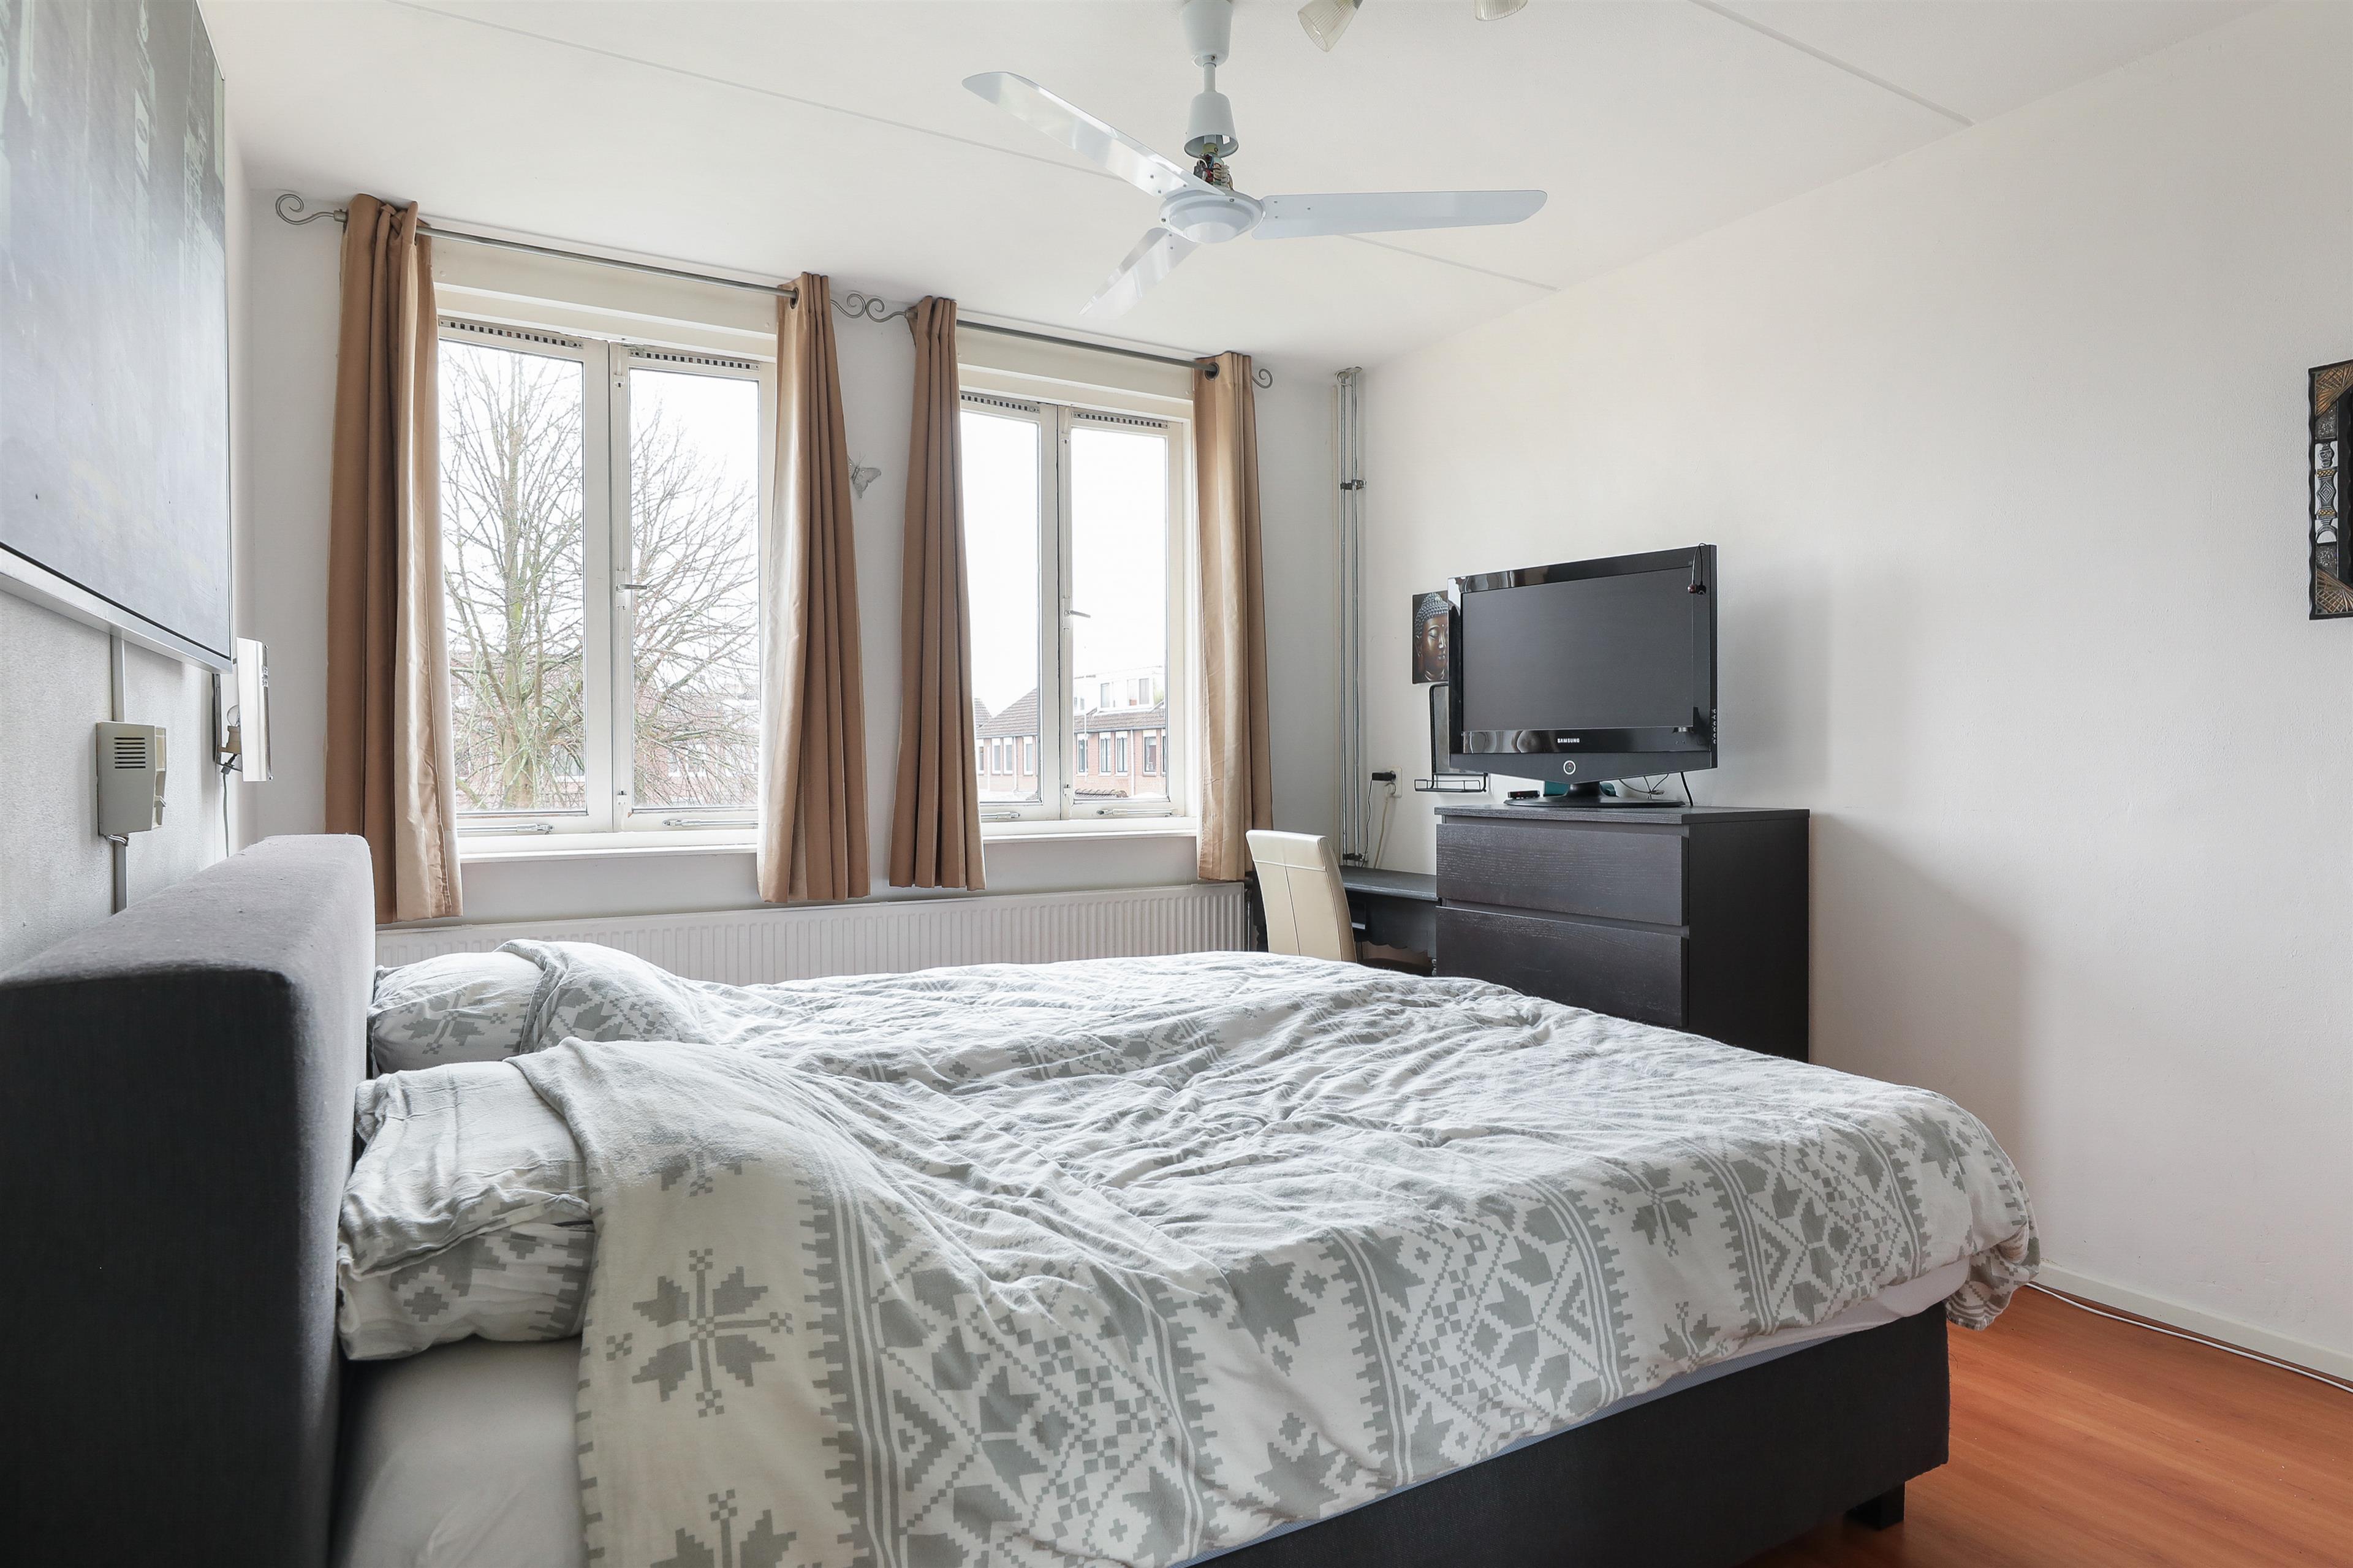 Zonwering Slaapkamer 14 : Te koop: vleetstraat 14 almere hoekstra en van eck